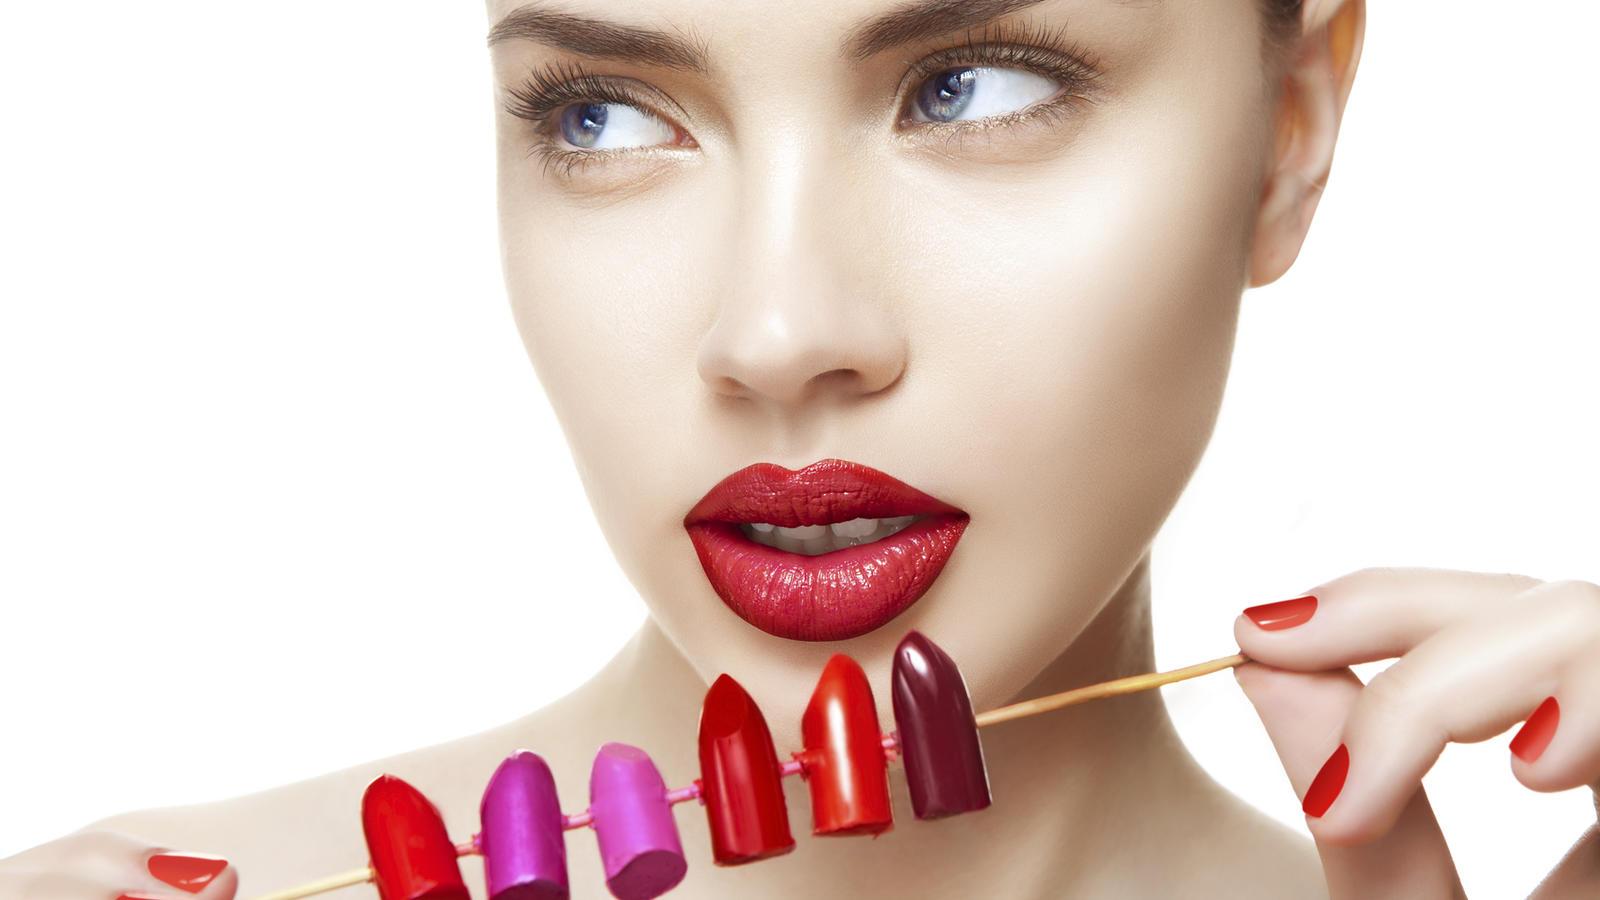 Welcher Lippenstift Passt Zu Mir Die Richtige Farbe Für Jeden Typ